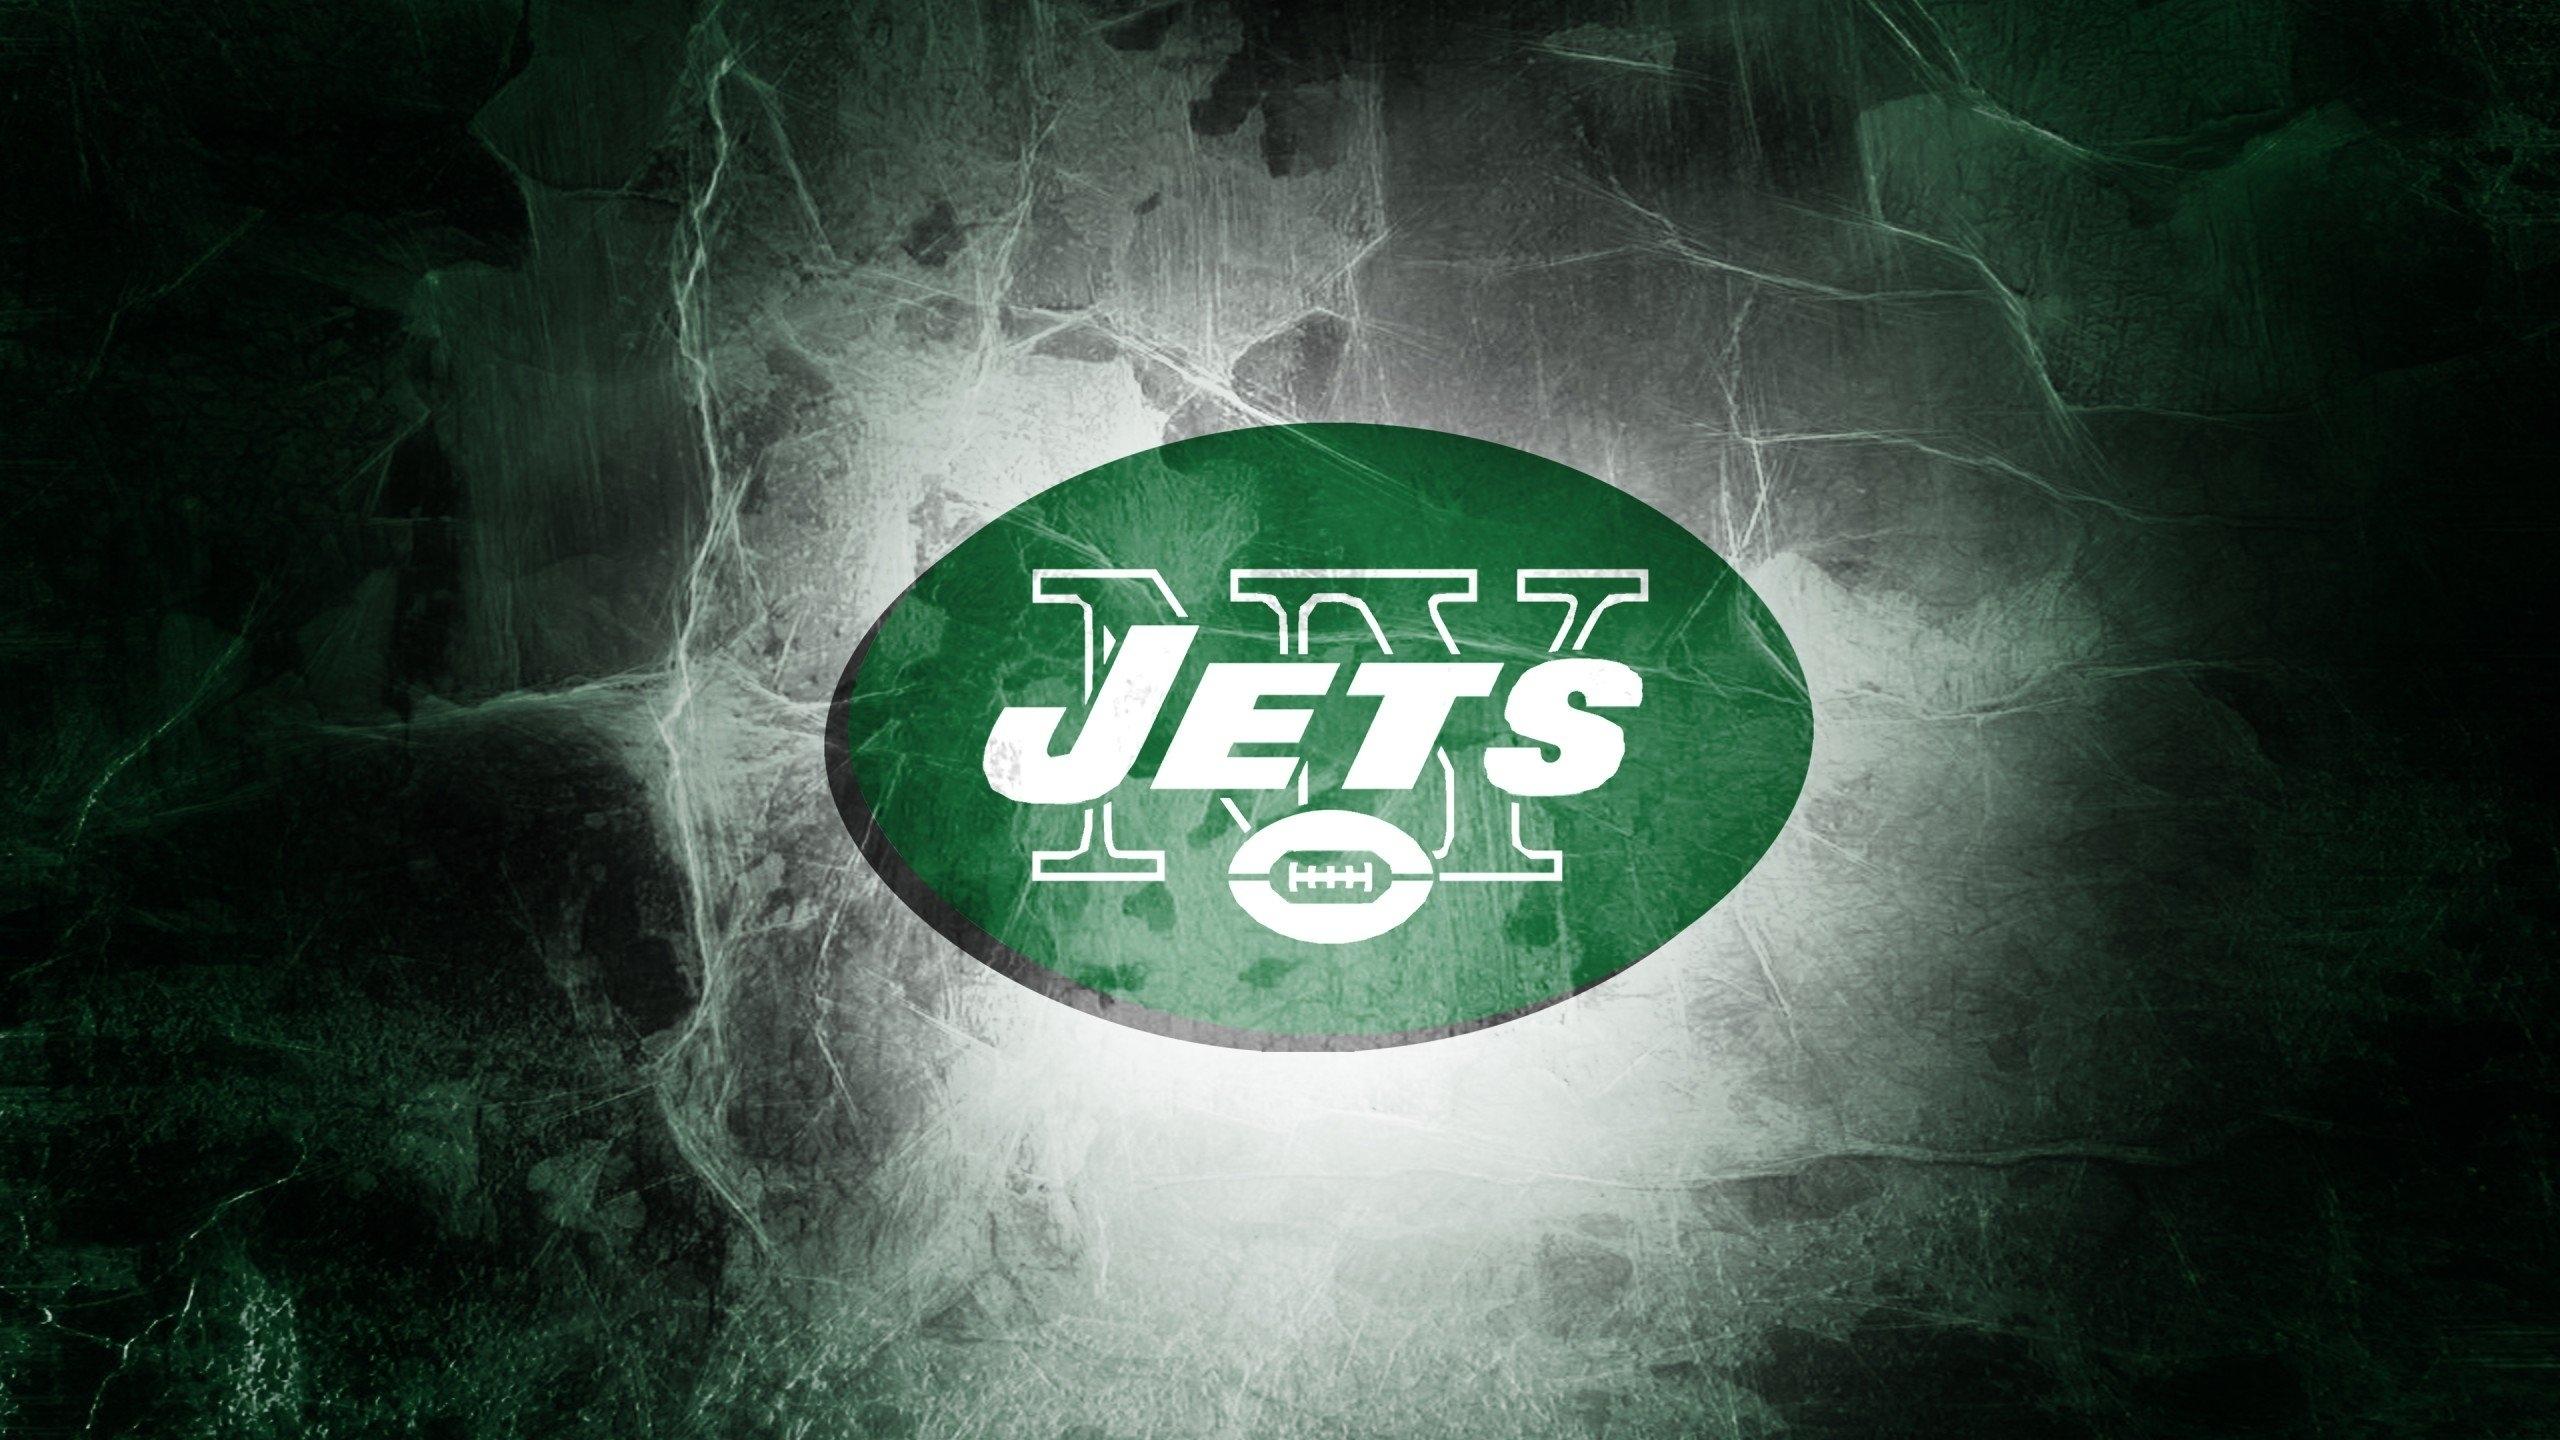 new york jets logo 833987 - walldevil